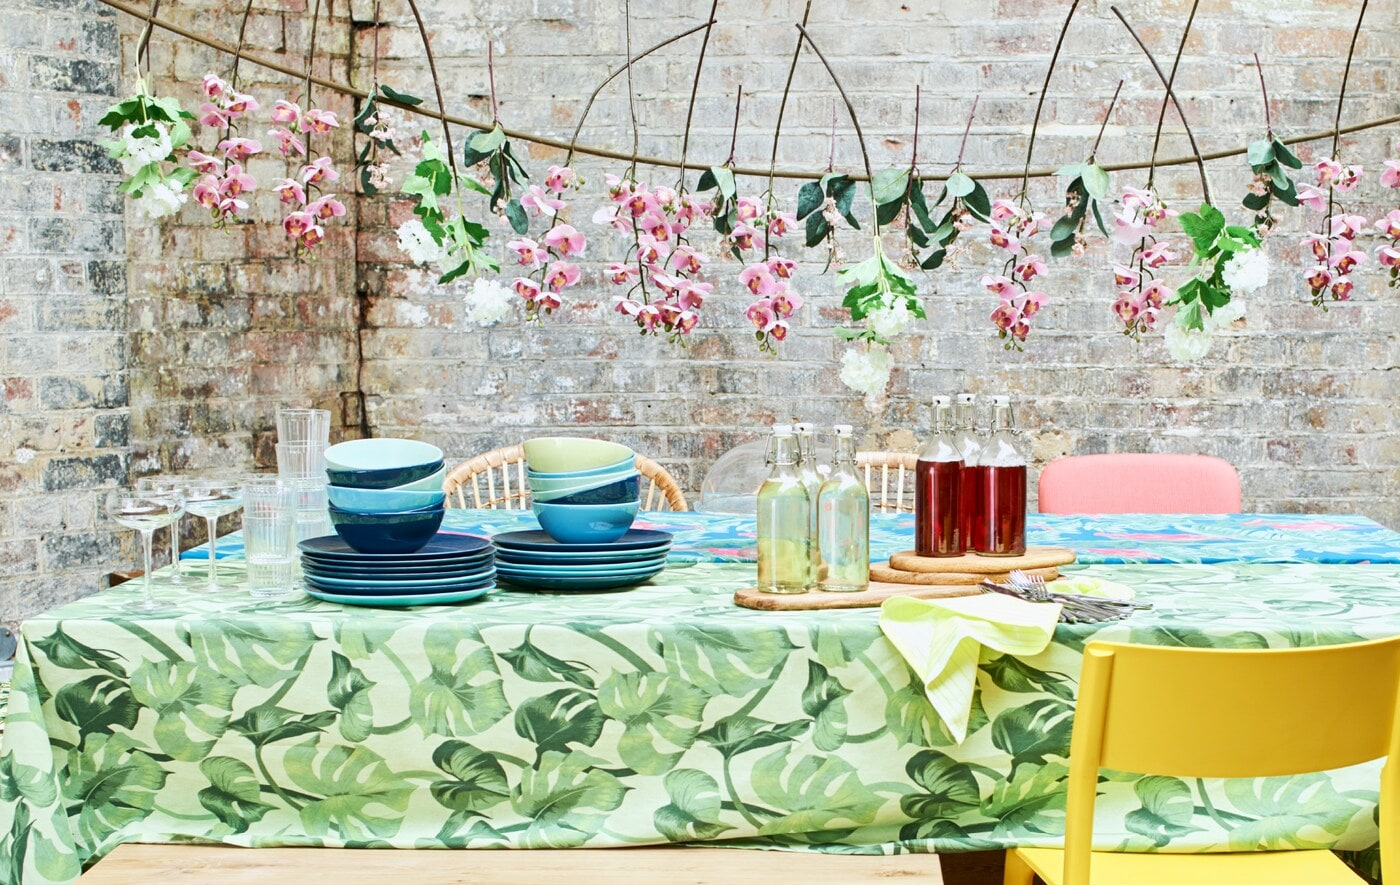 Stůl prostřený na letní párty: barevný ubrus, hromady talířů a misek, karafy s nápoji, nad stolem jsou zavěšené na provazu umělé květiny